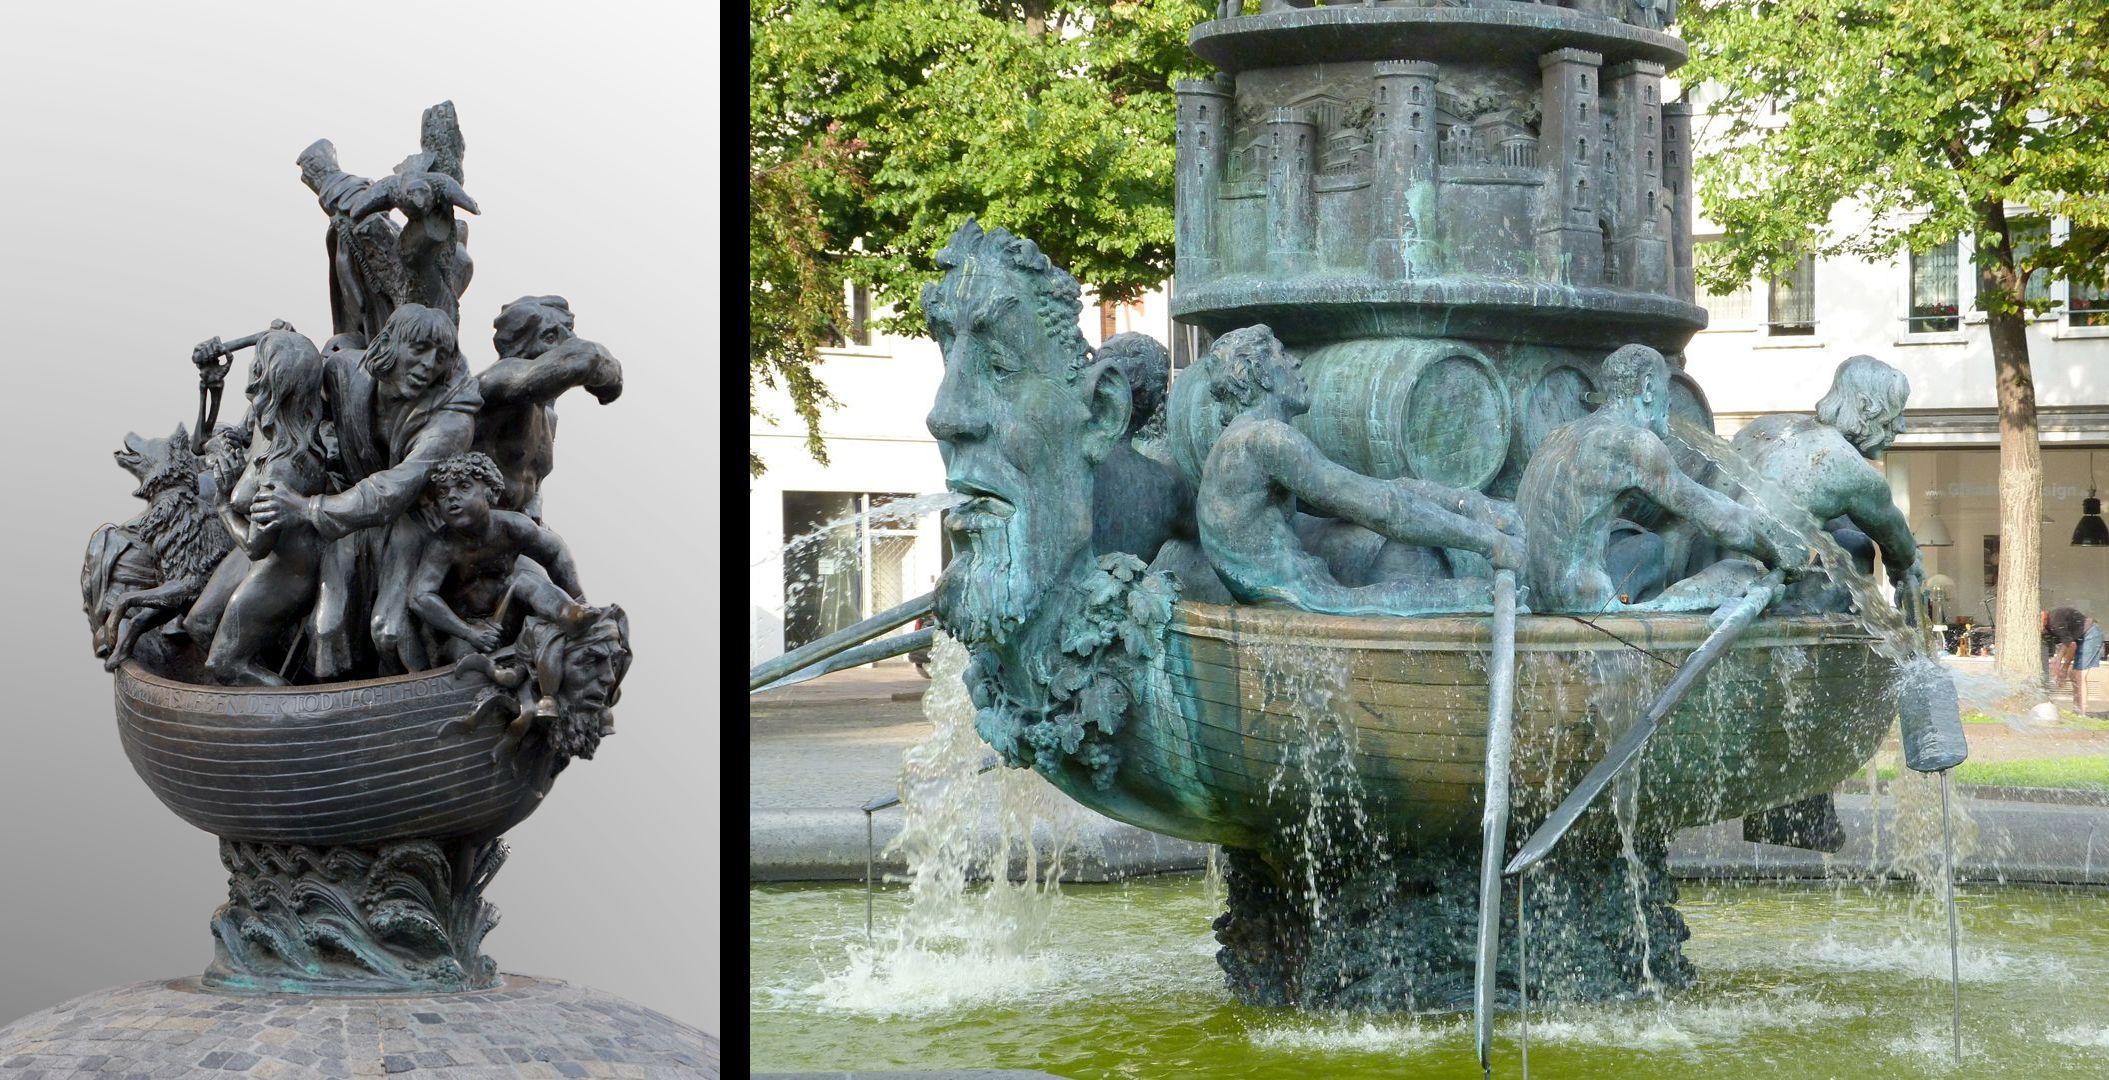 Narrenschiff ursprünglich war das Narrenschiff als ein Brunnen entworfen / siehe zum Vergleich die Historiensäule in Koblenz